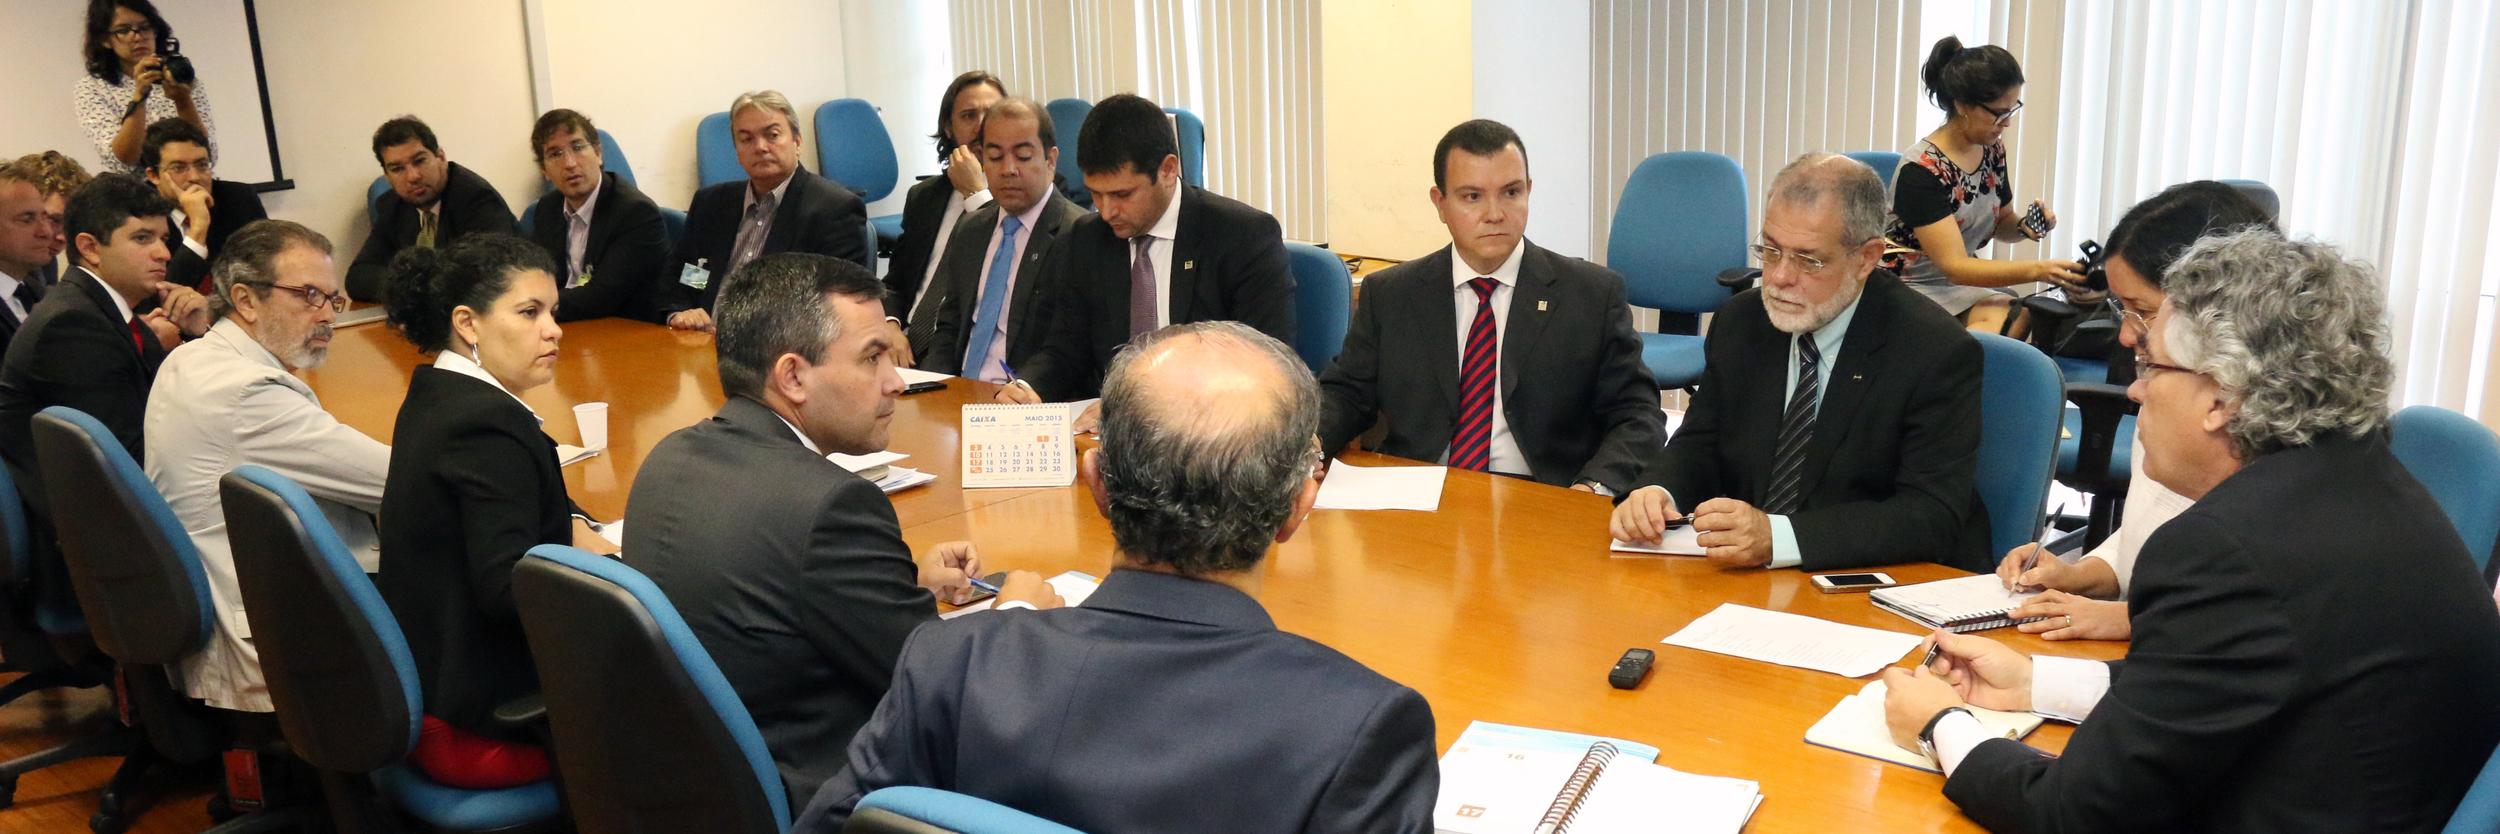 Líderes do Ciclo de Gestão se reuniram com Sérgio Mendonça para tratar da Campanha Salarial 2015. Foto: Filipe Calmon / ANESP